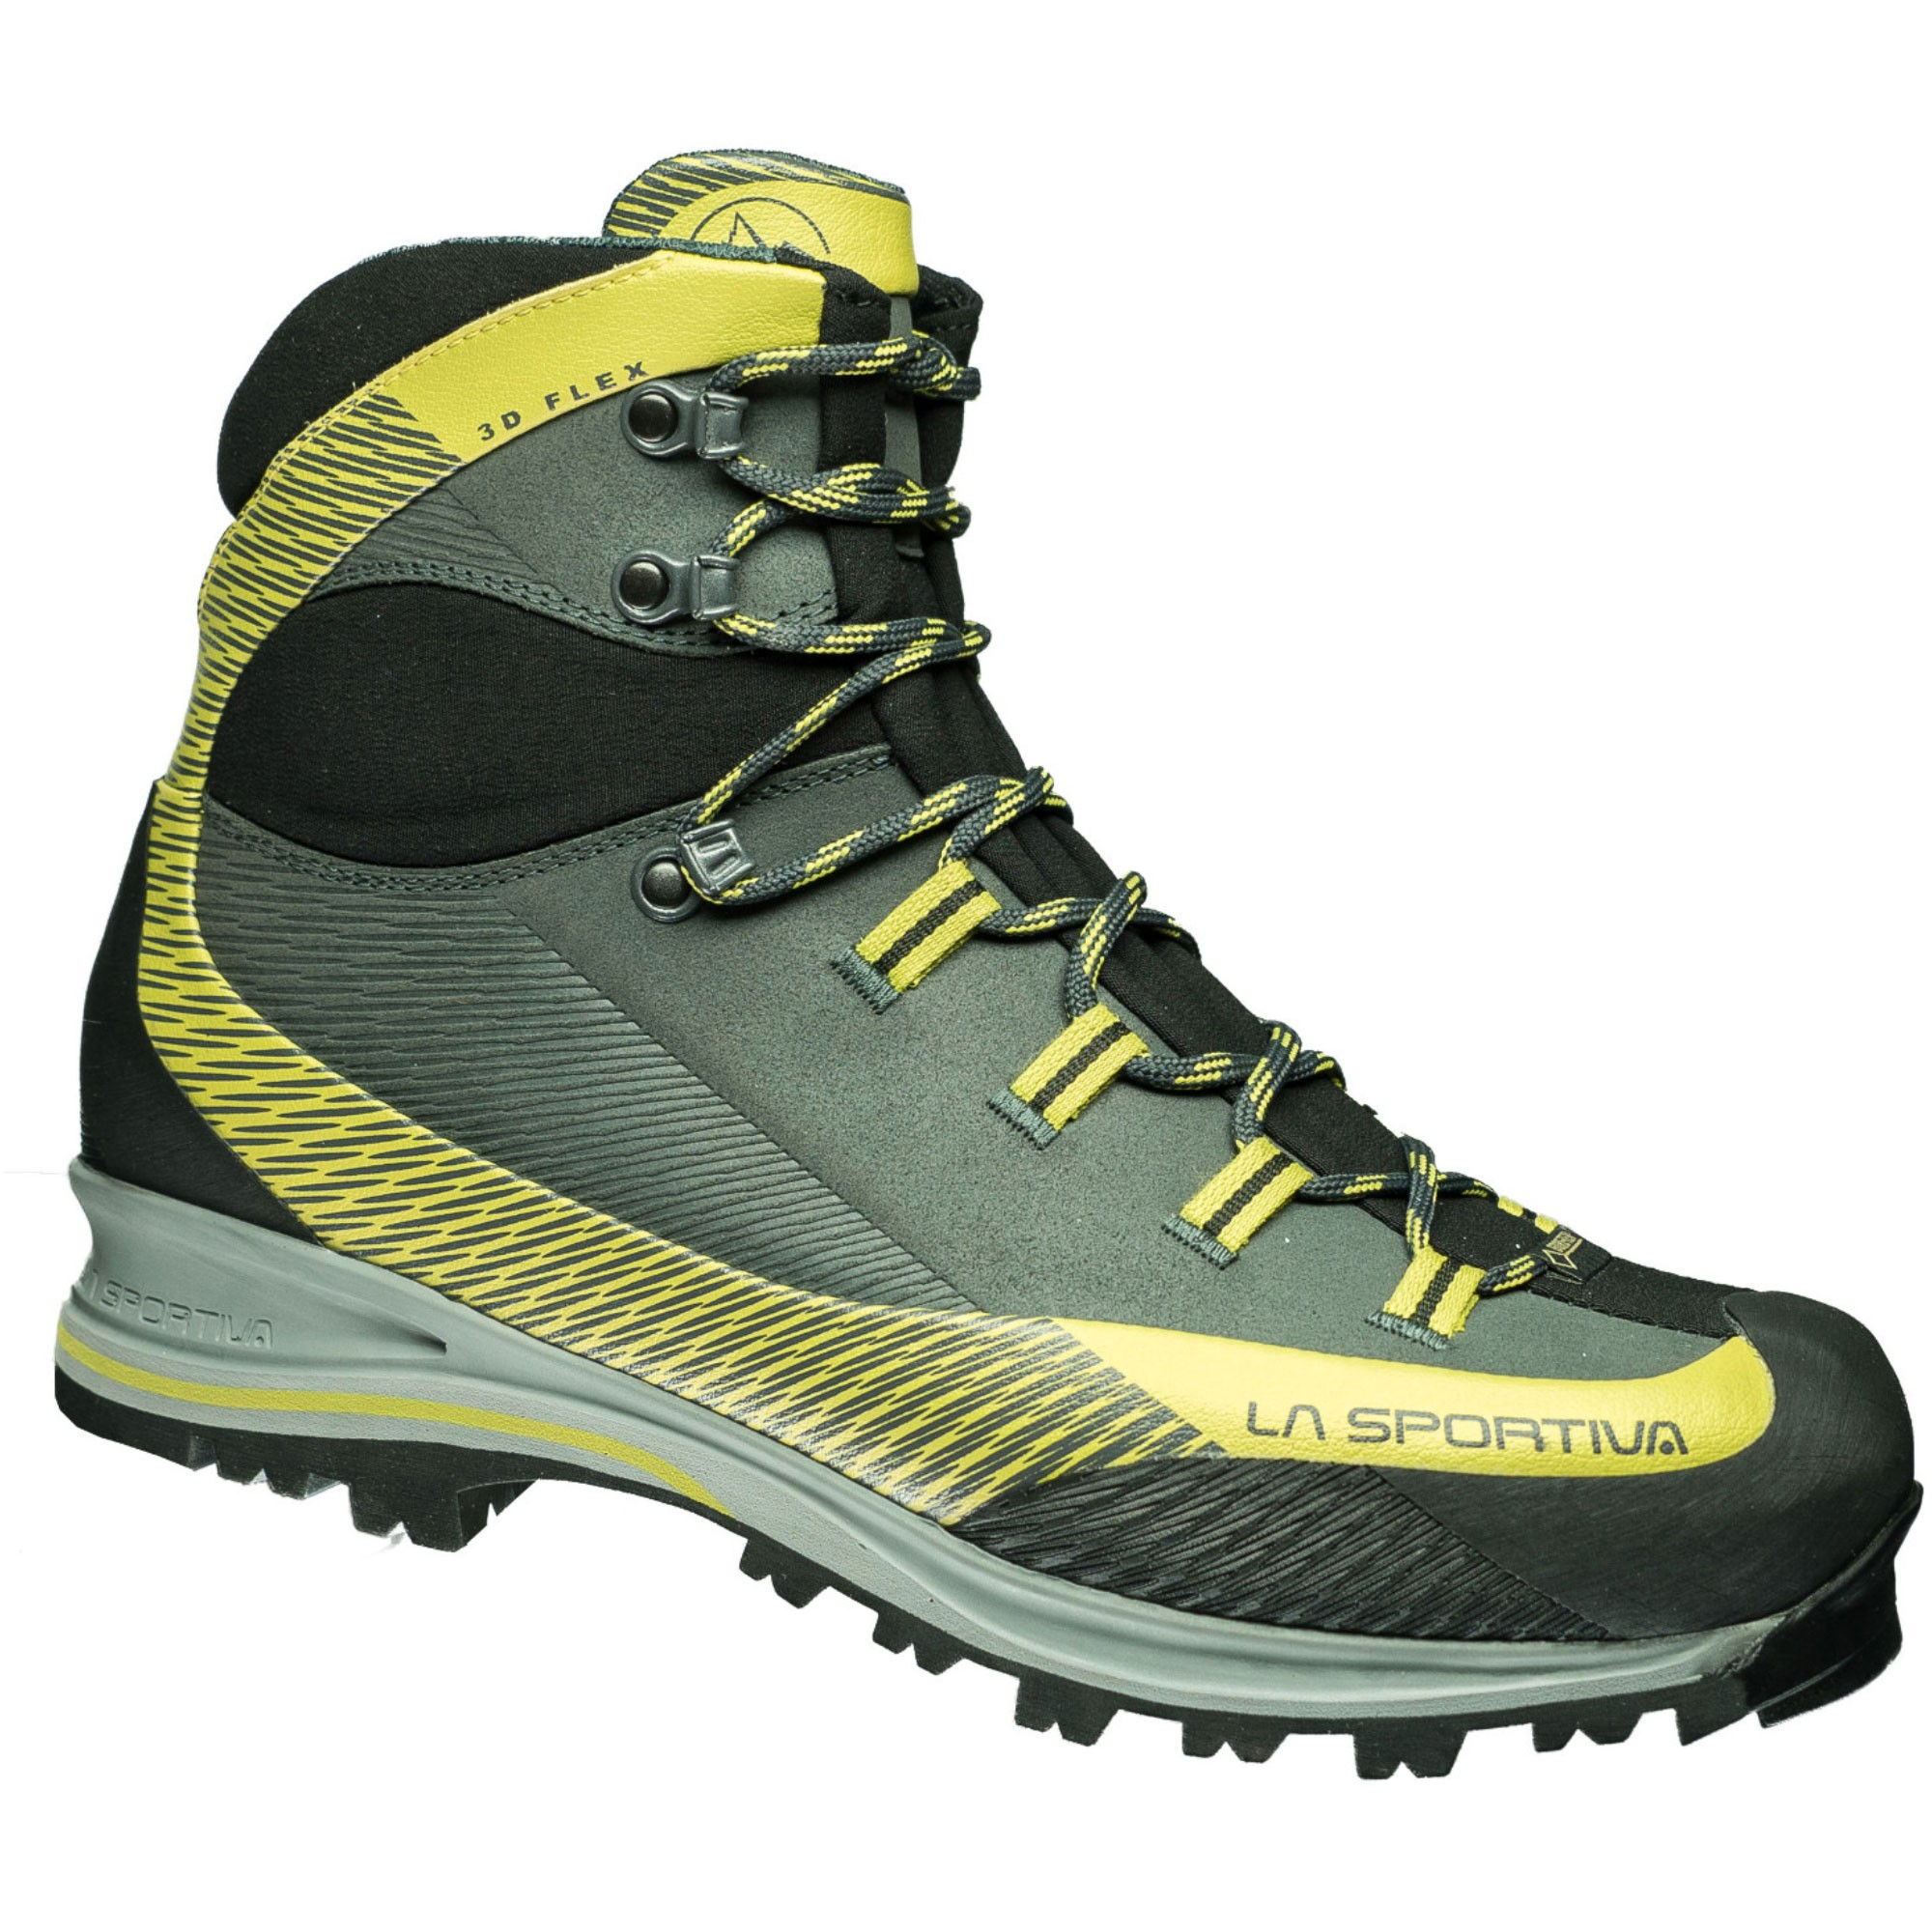 LA SPORTIVA - Trango TRK Leather GTX Walking Boots